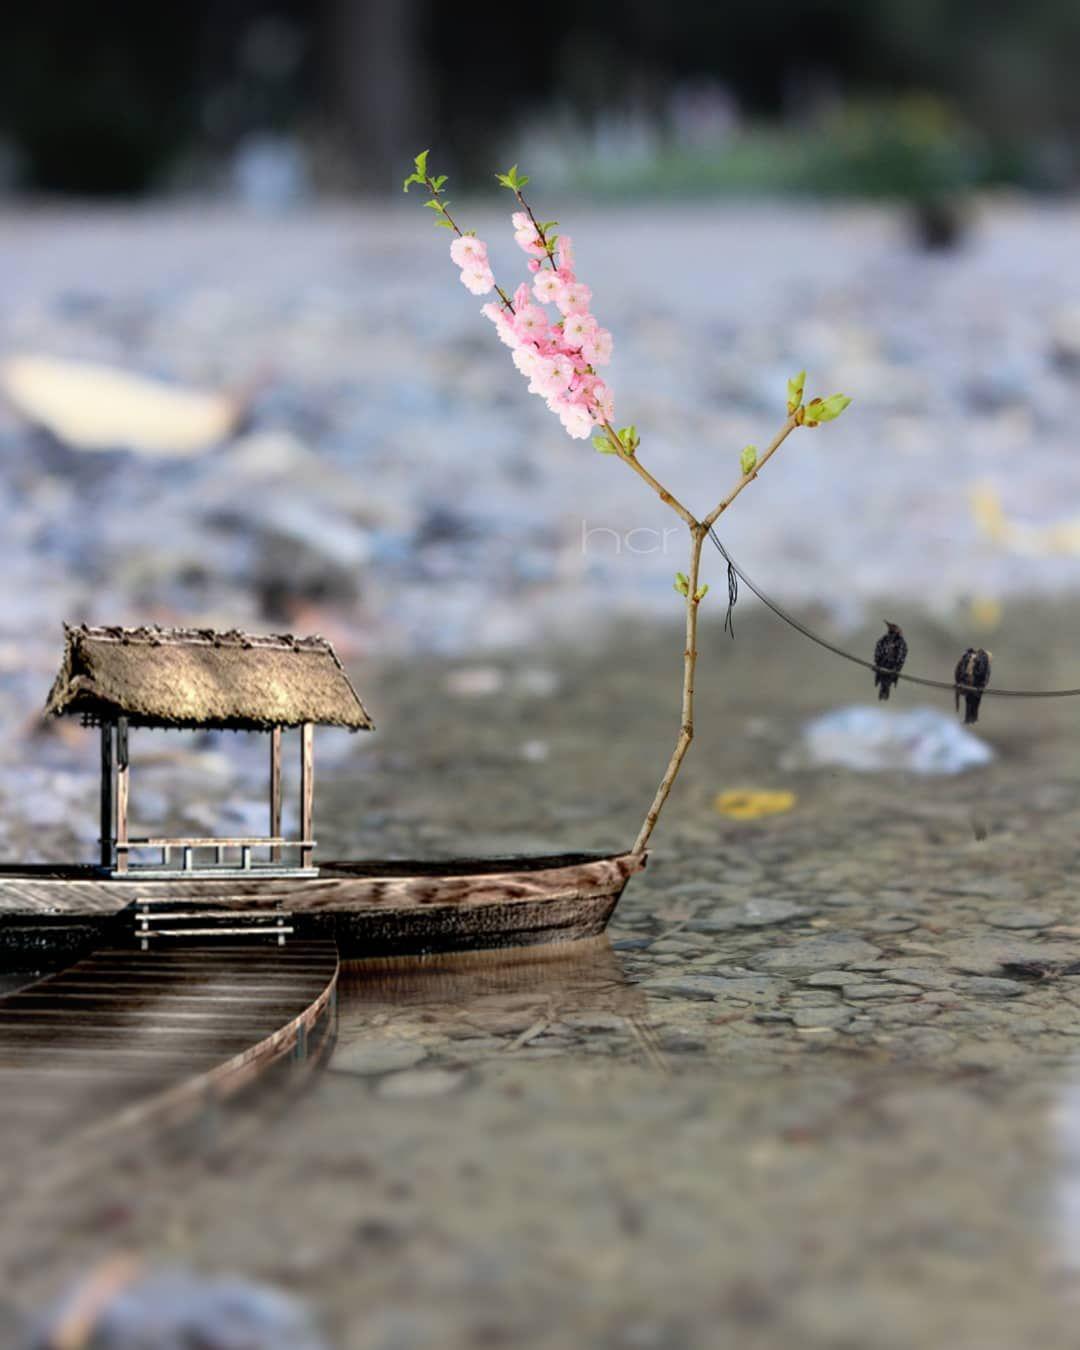 Izobrazhenieto Mozhe Da Sdrzha Na Otkrito Miniature Photography